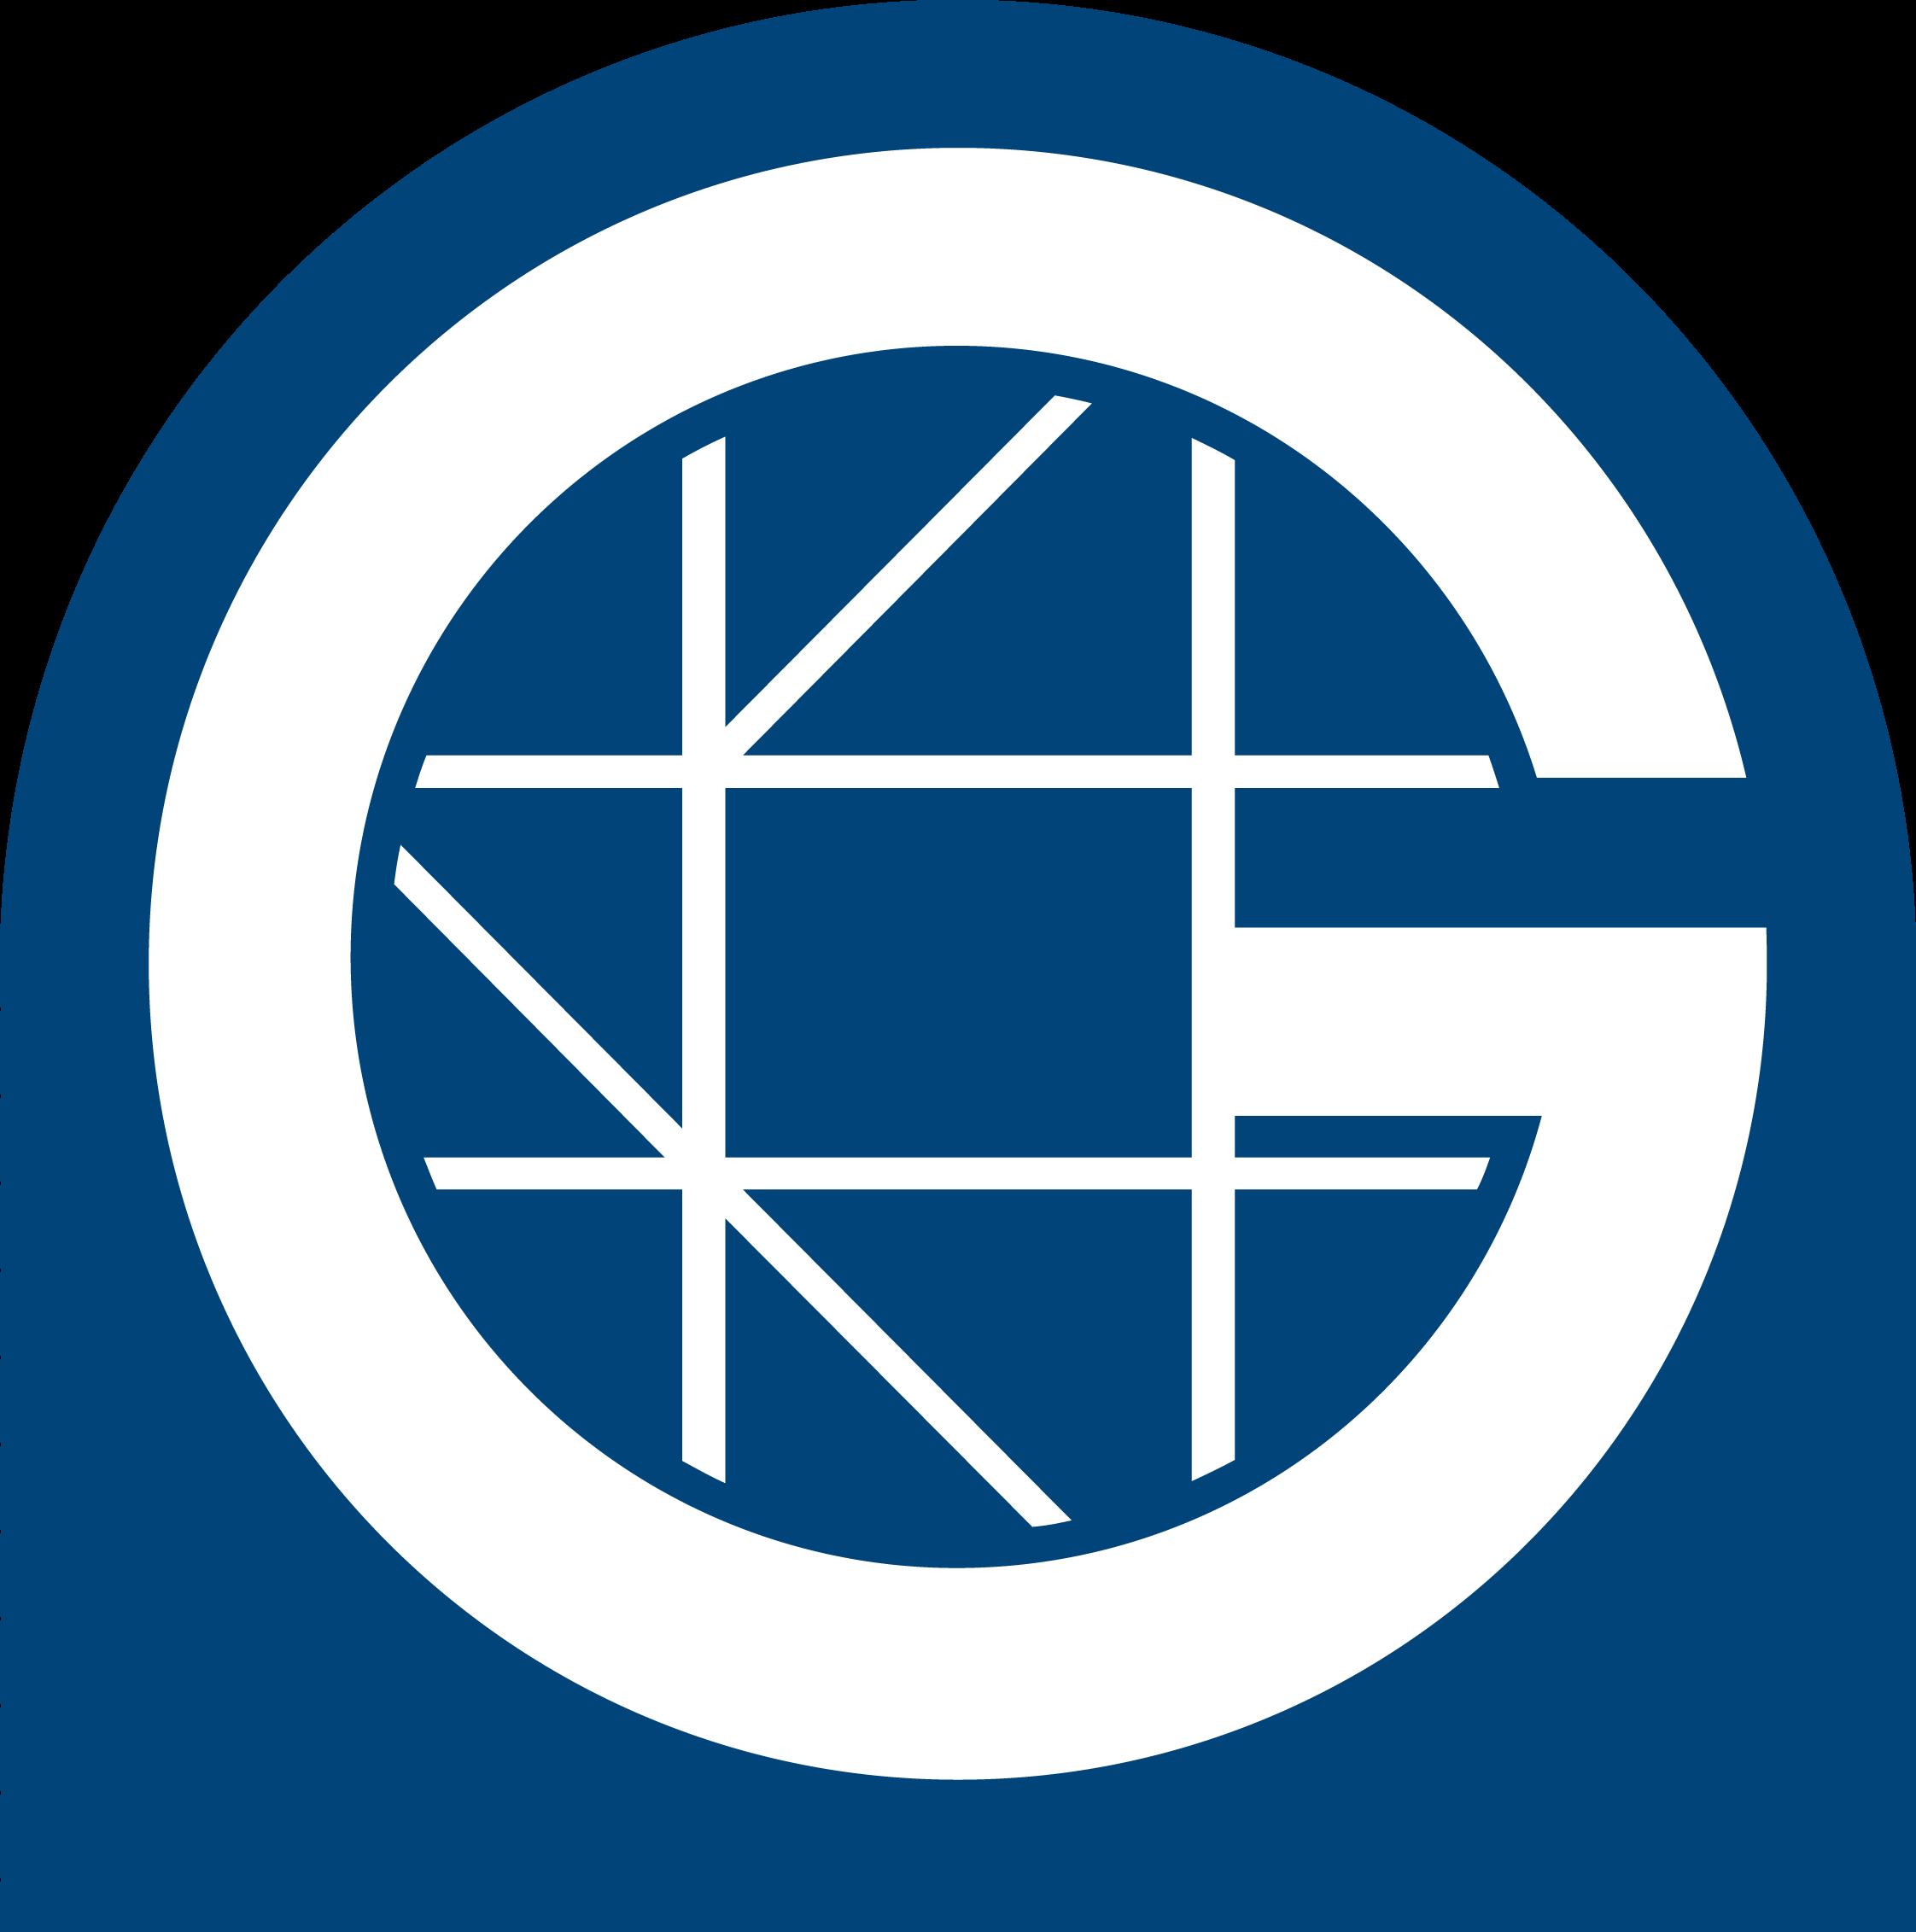 Logo G_RGB - STEBU Gerüstbau GmbH in Essen